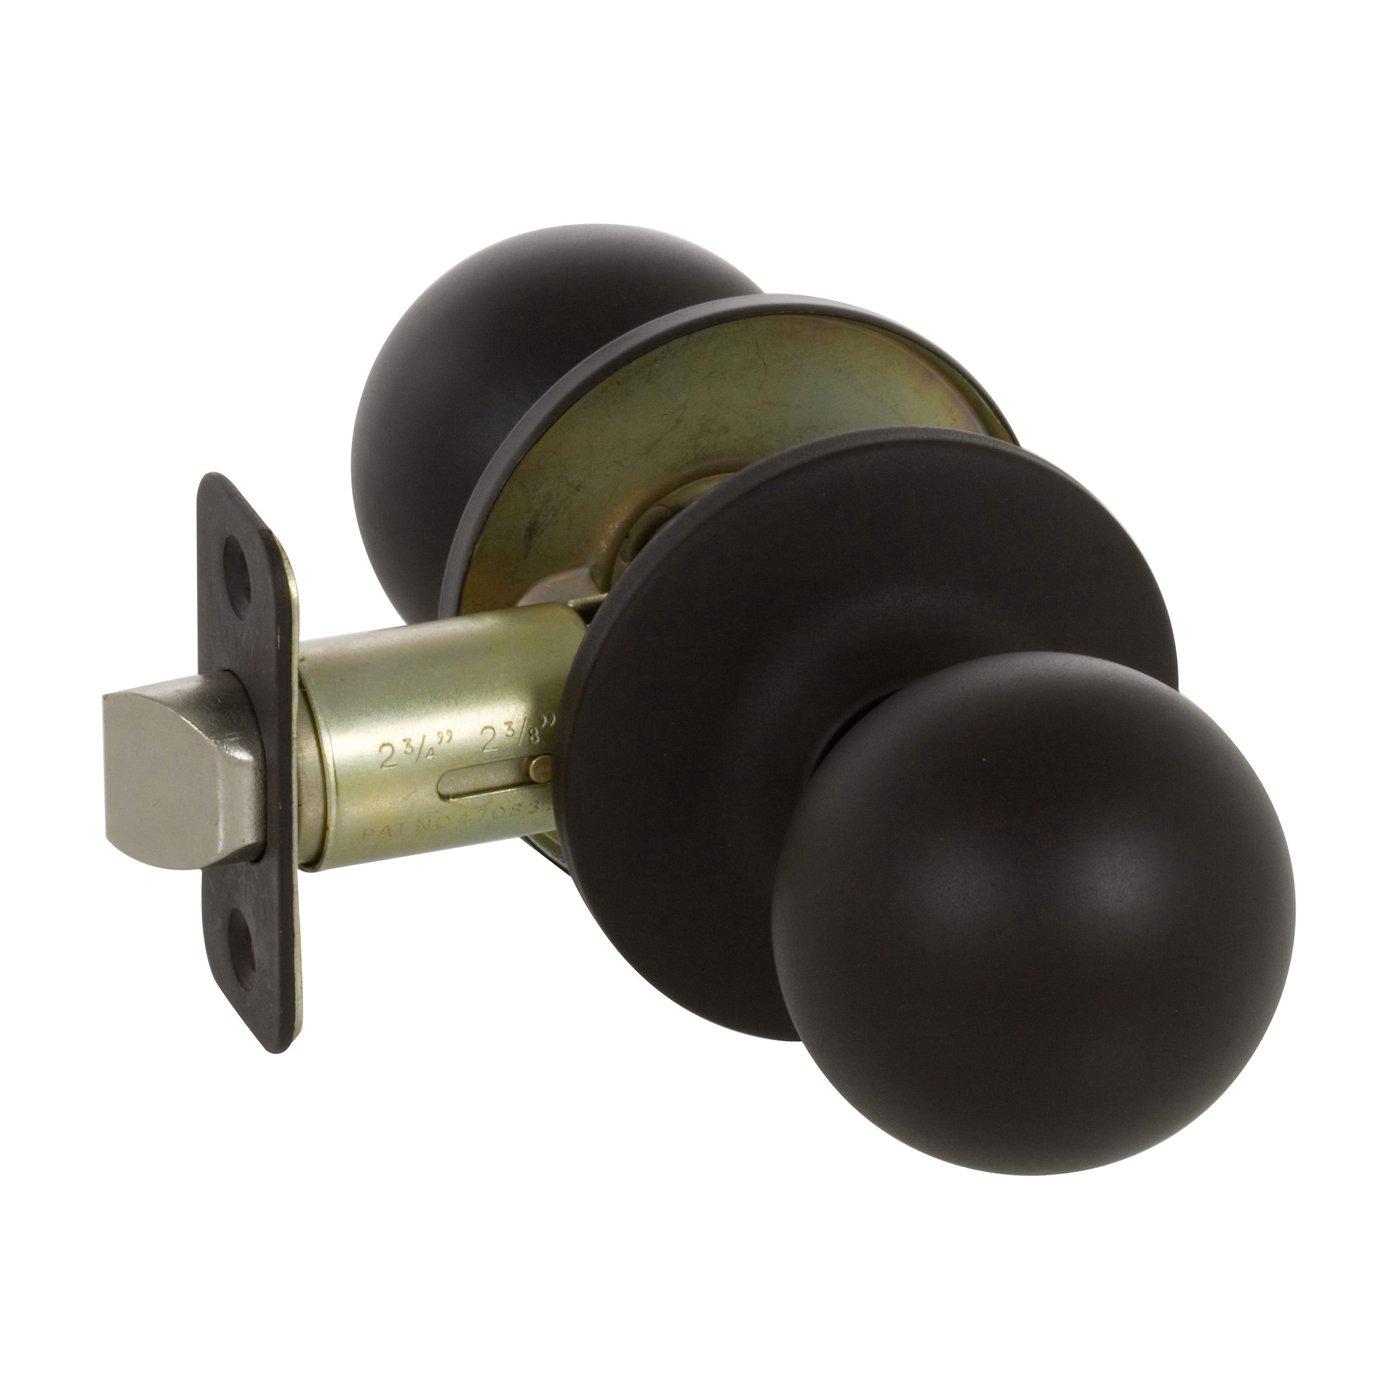 callan door knobs photo - 2